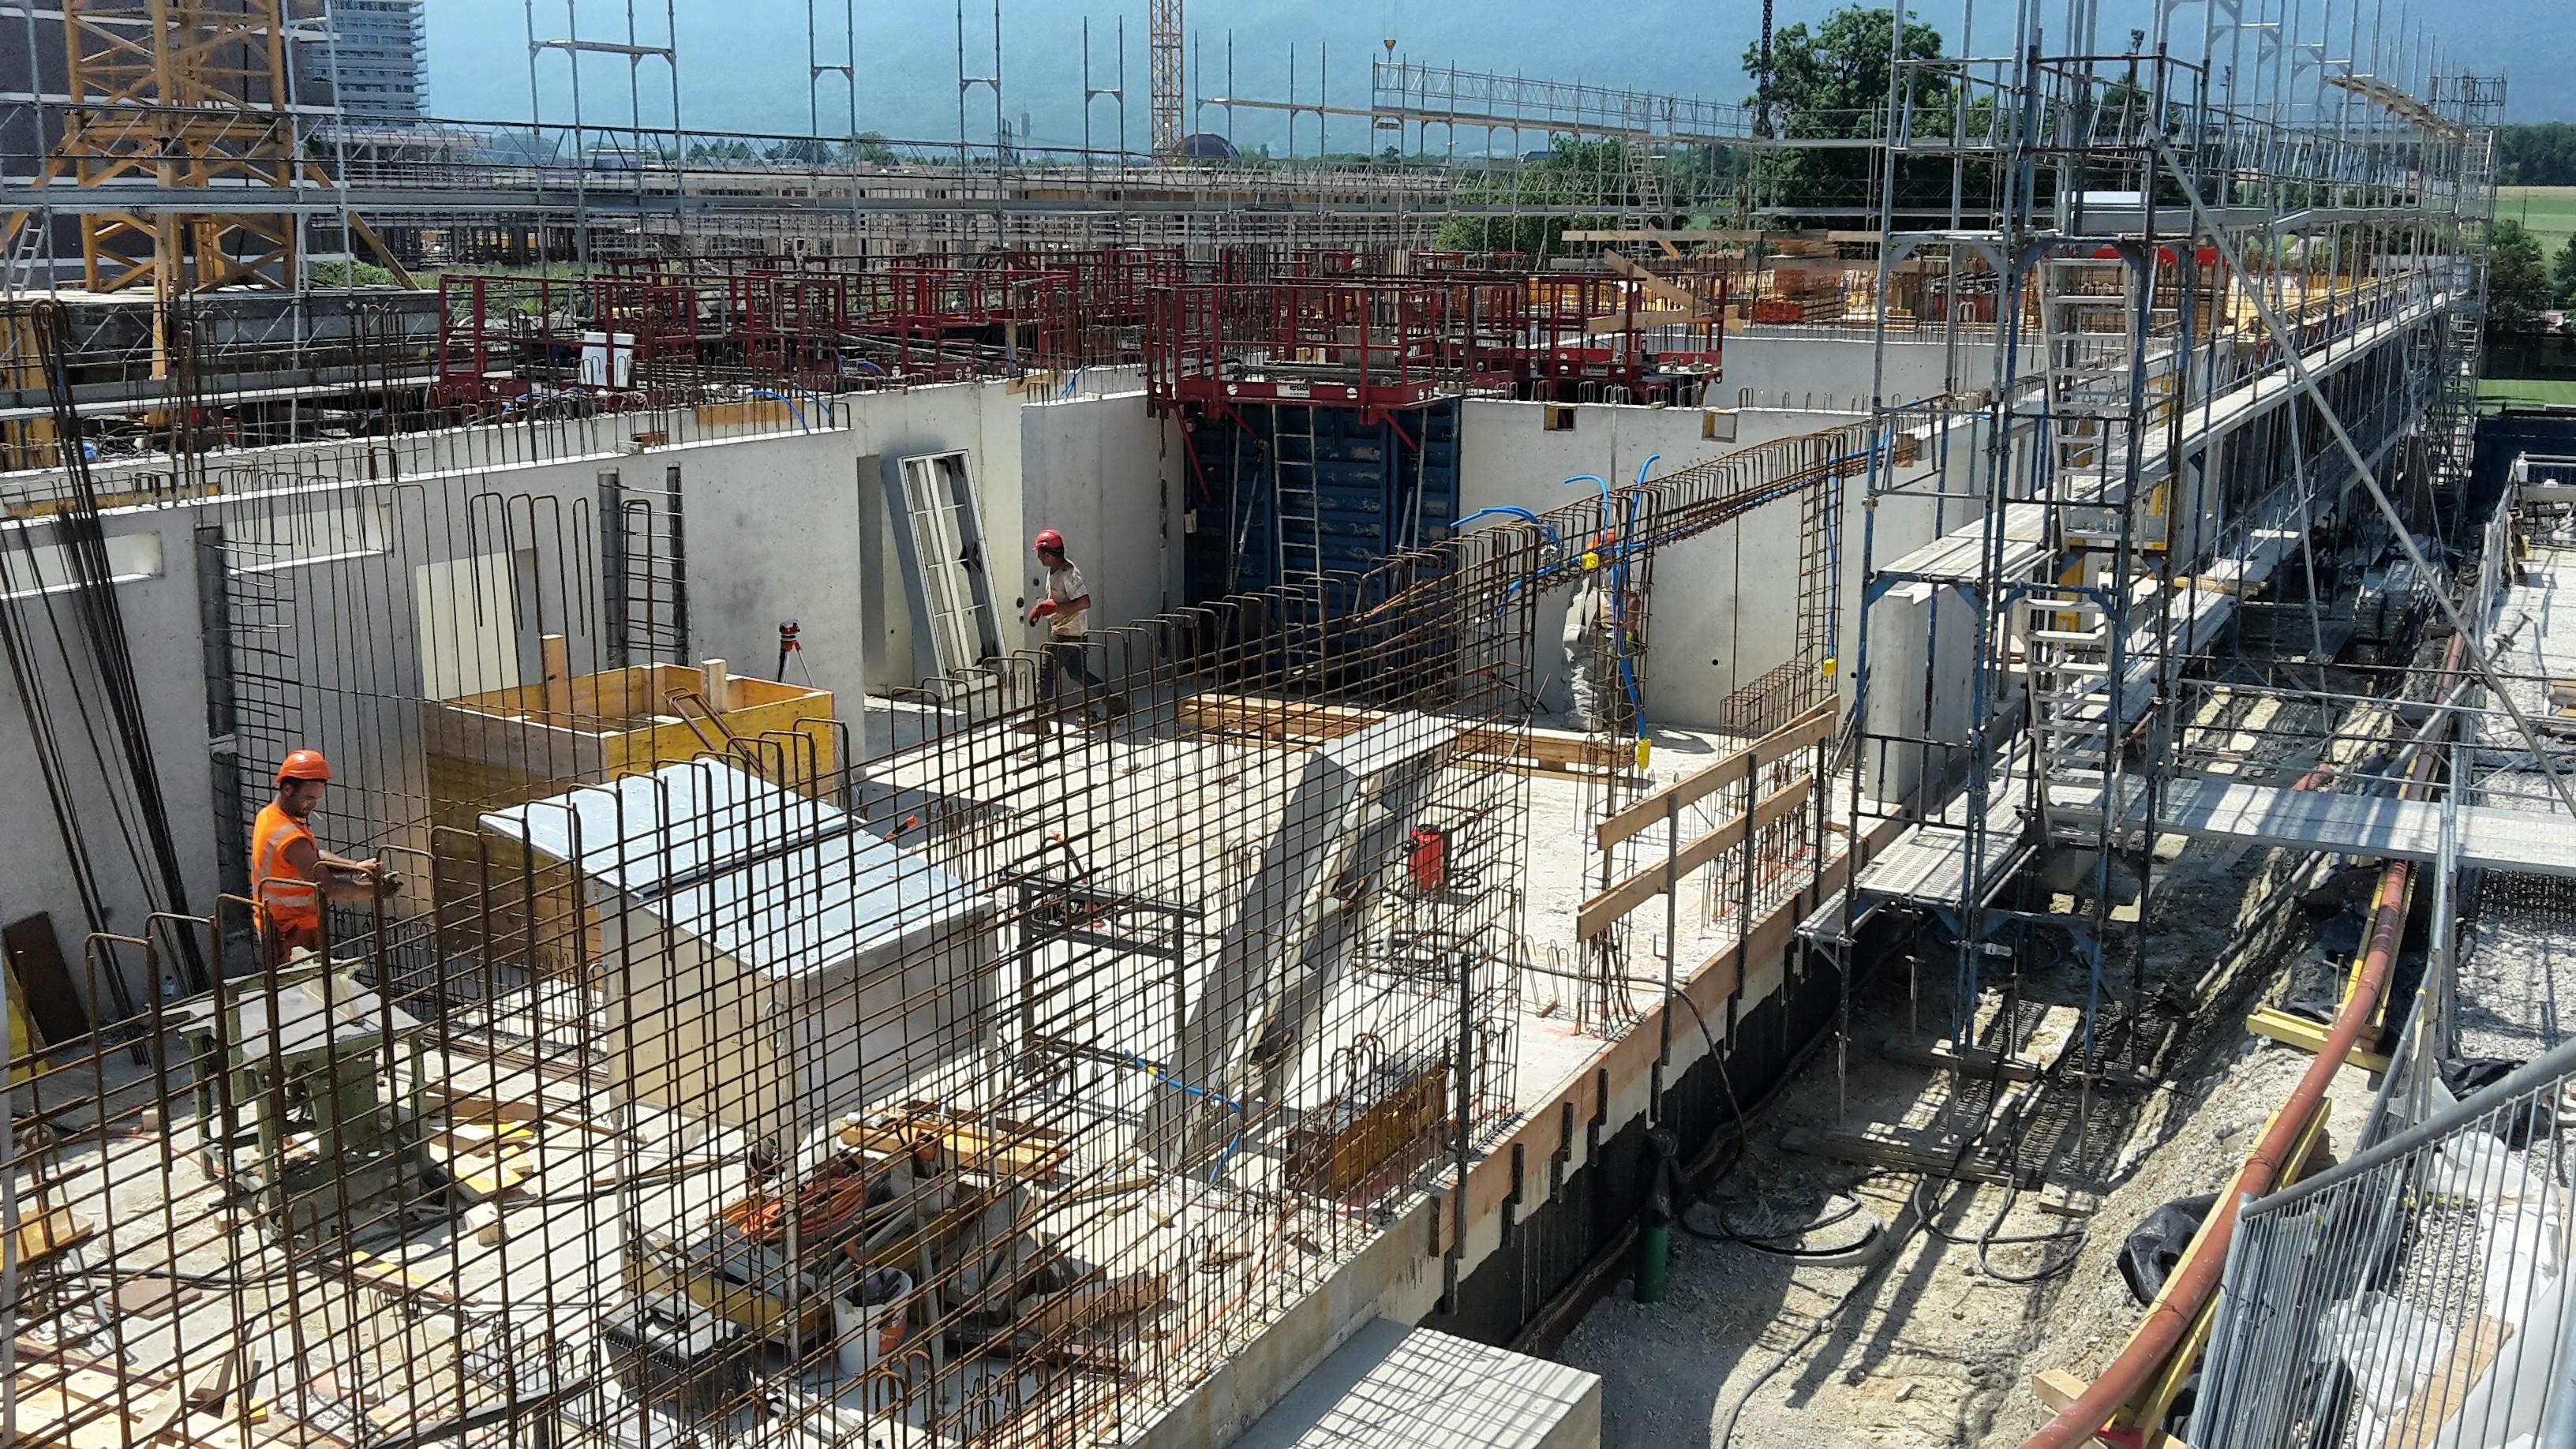 Visite de chantier 1 15h l 39 espace chantier for Visite de chantier